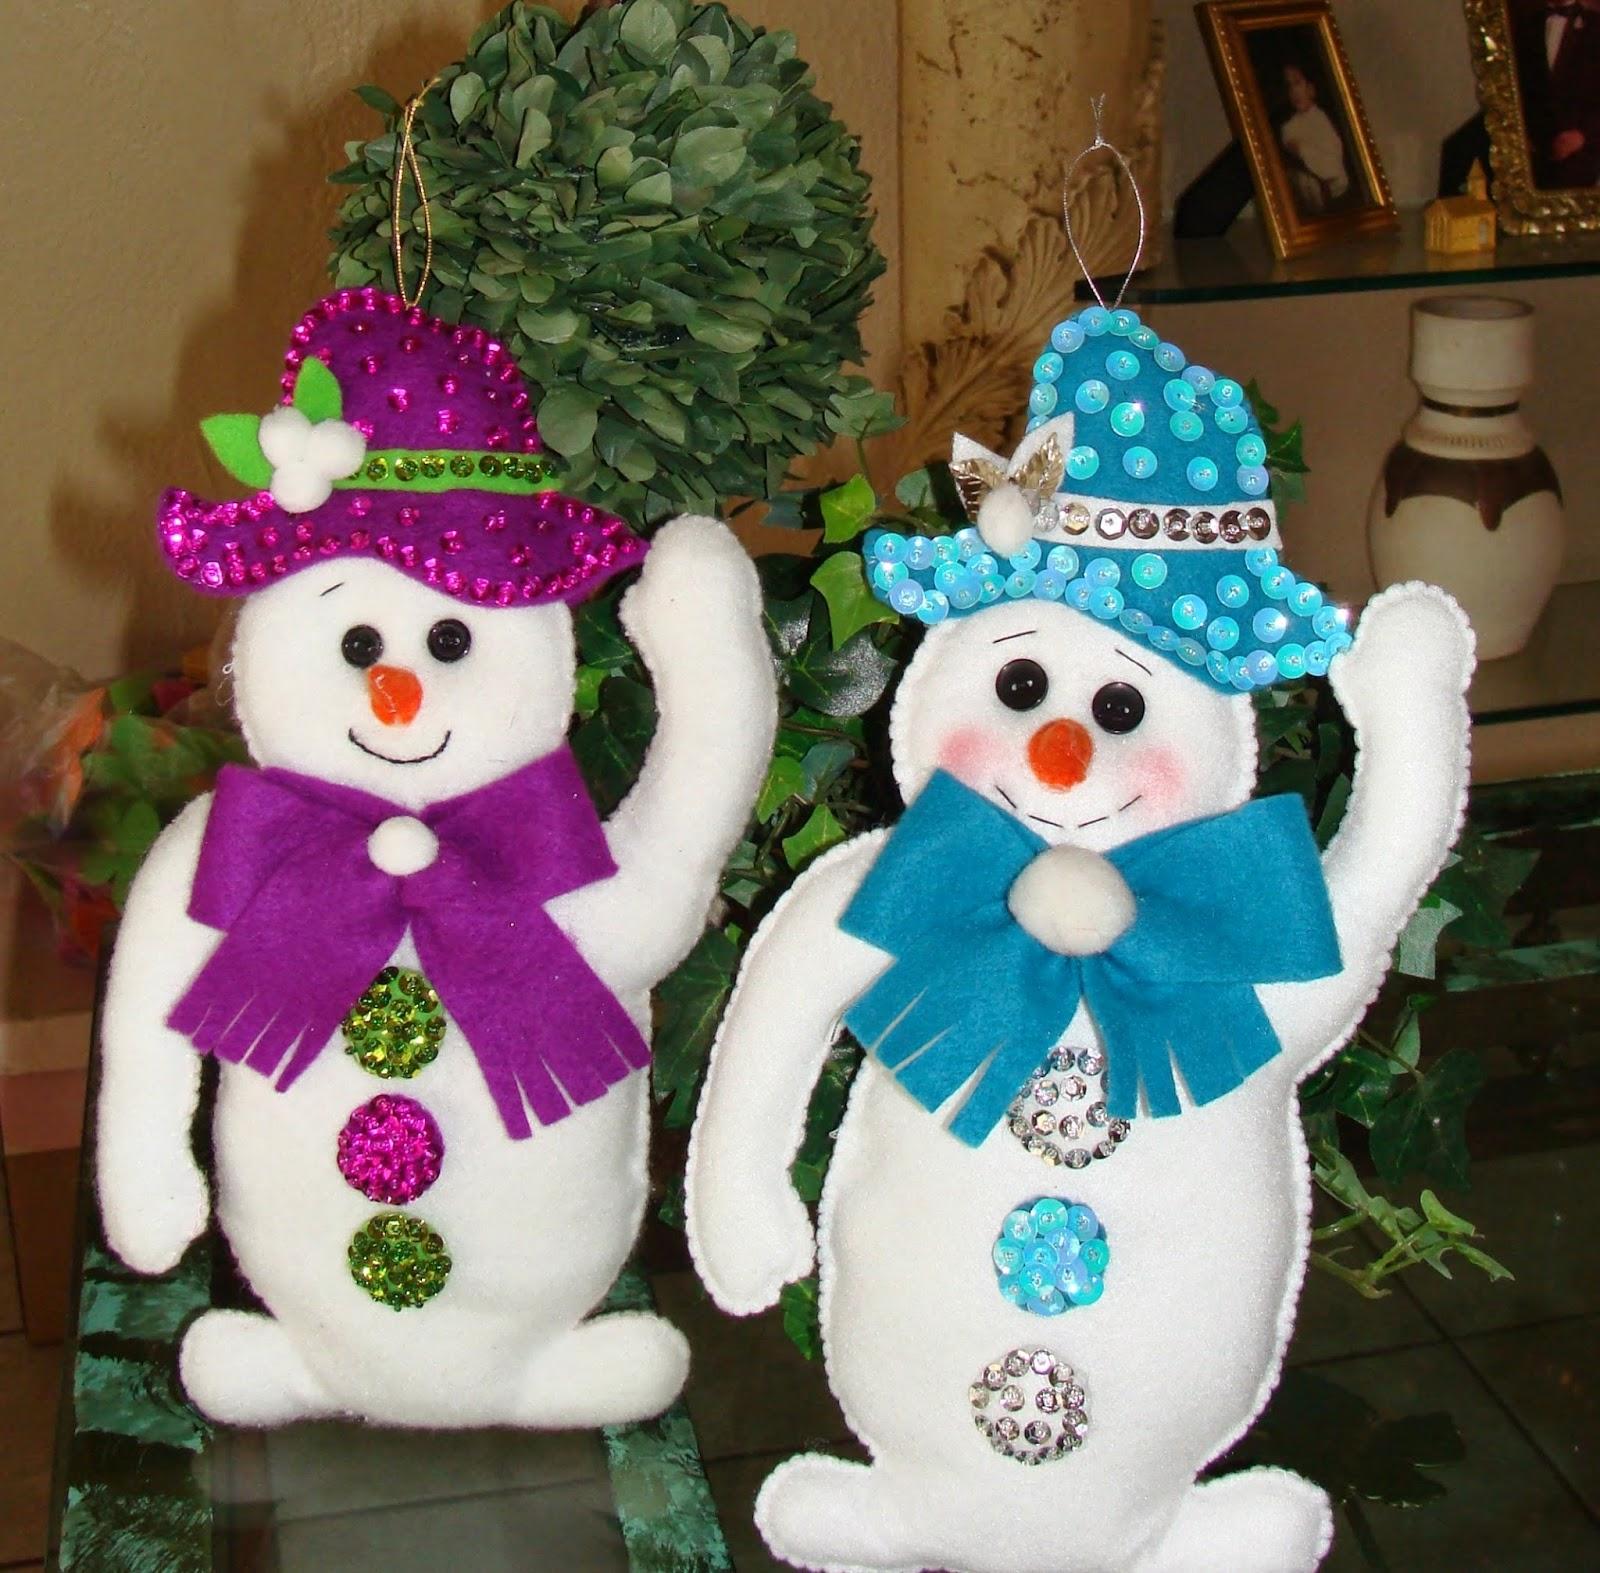 imagenes de pequeños muñecos de navidad